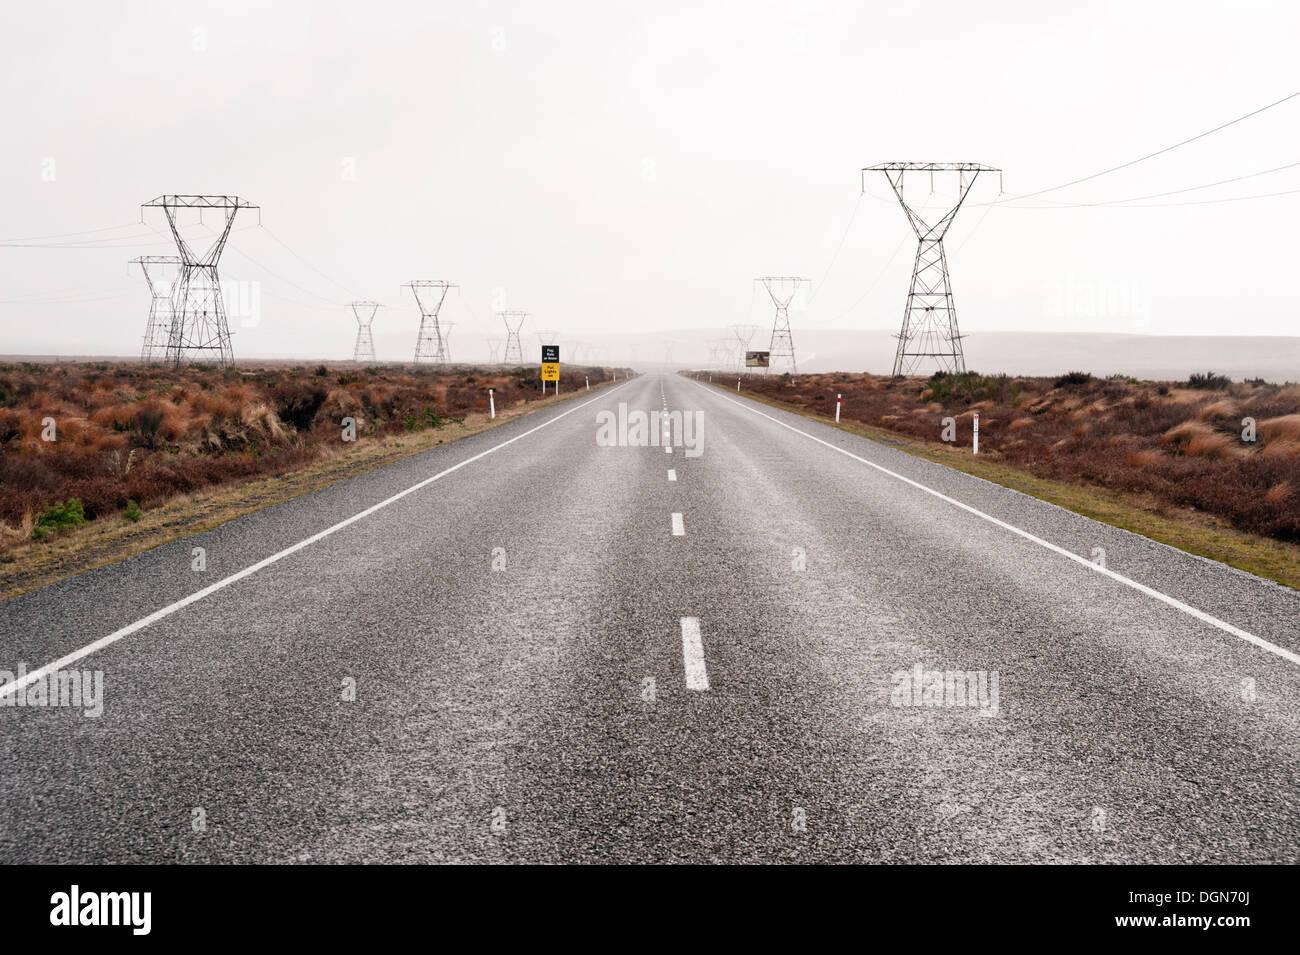 Líneas de energía eléctrica a lo largo de la autopista 1, la carretera del desierto en la región volcánica cerca del Lago Taupo, Isla del Norte, Nueva Zelanda Imagen De Stock